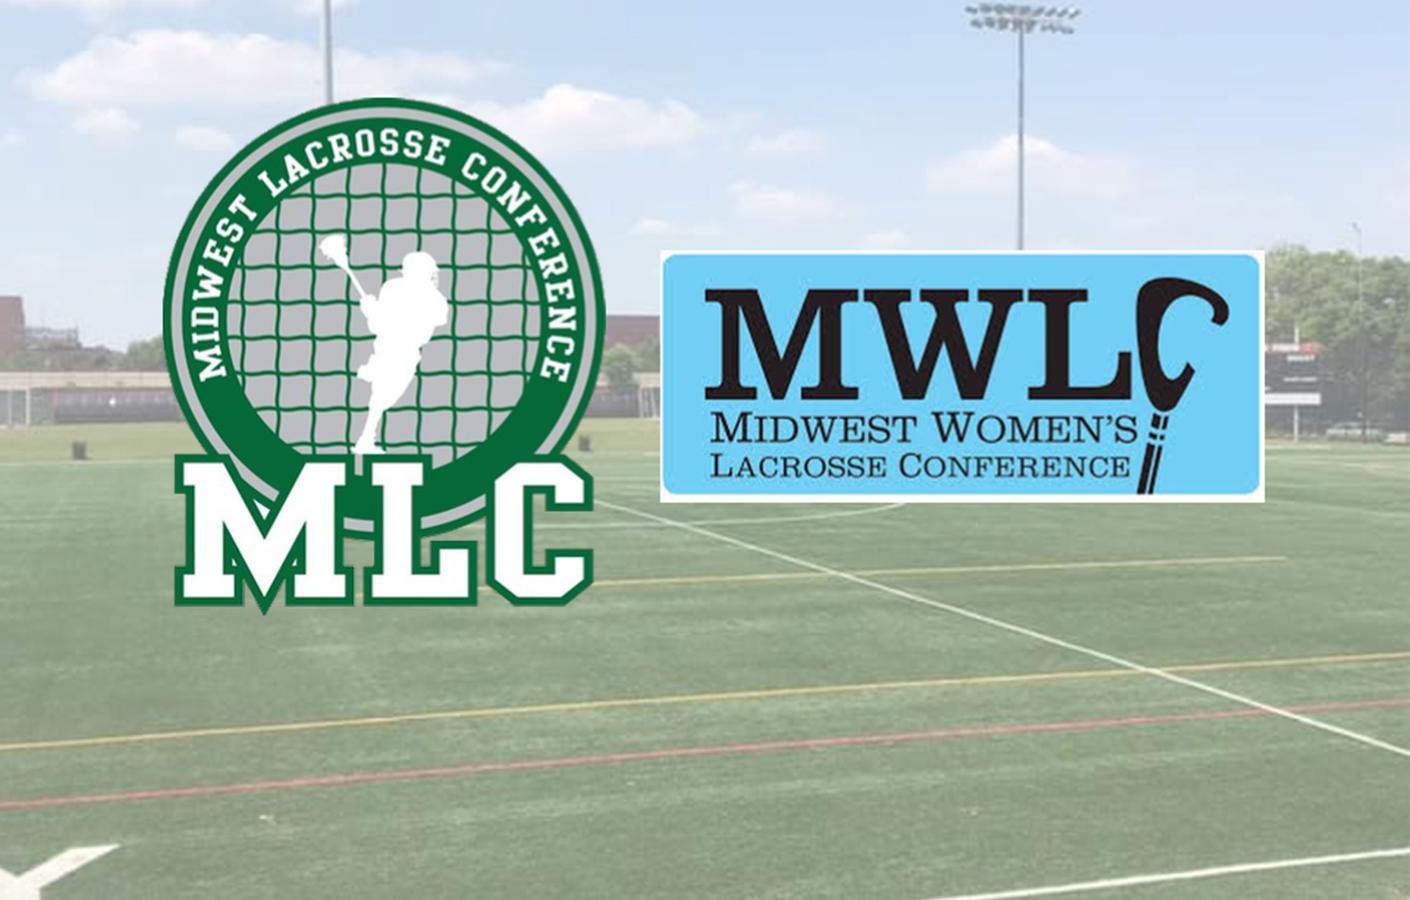 MLC MWLC.jpg